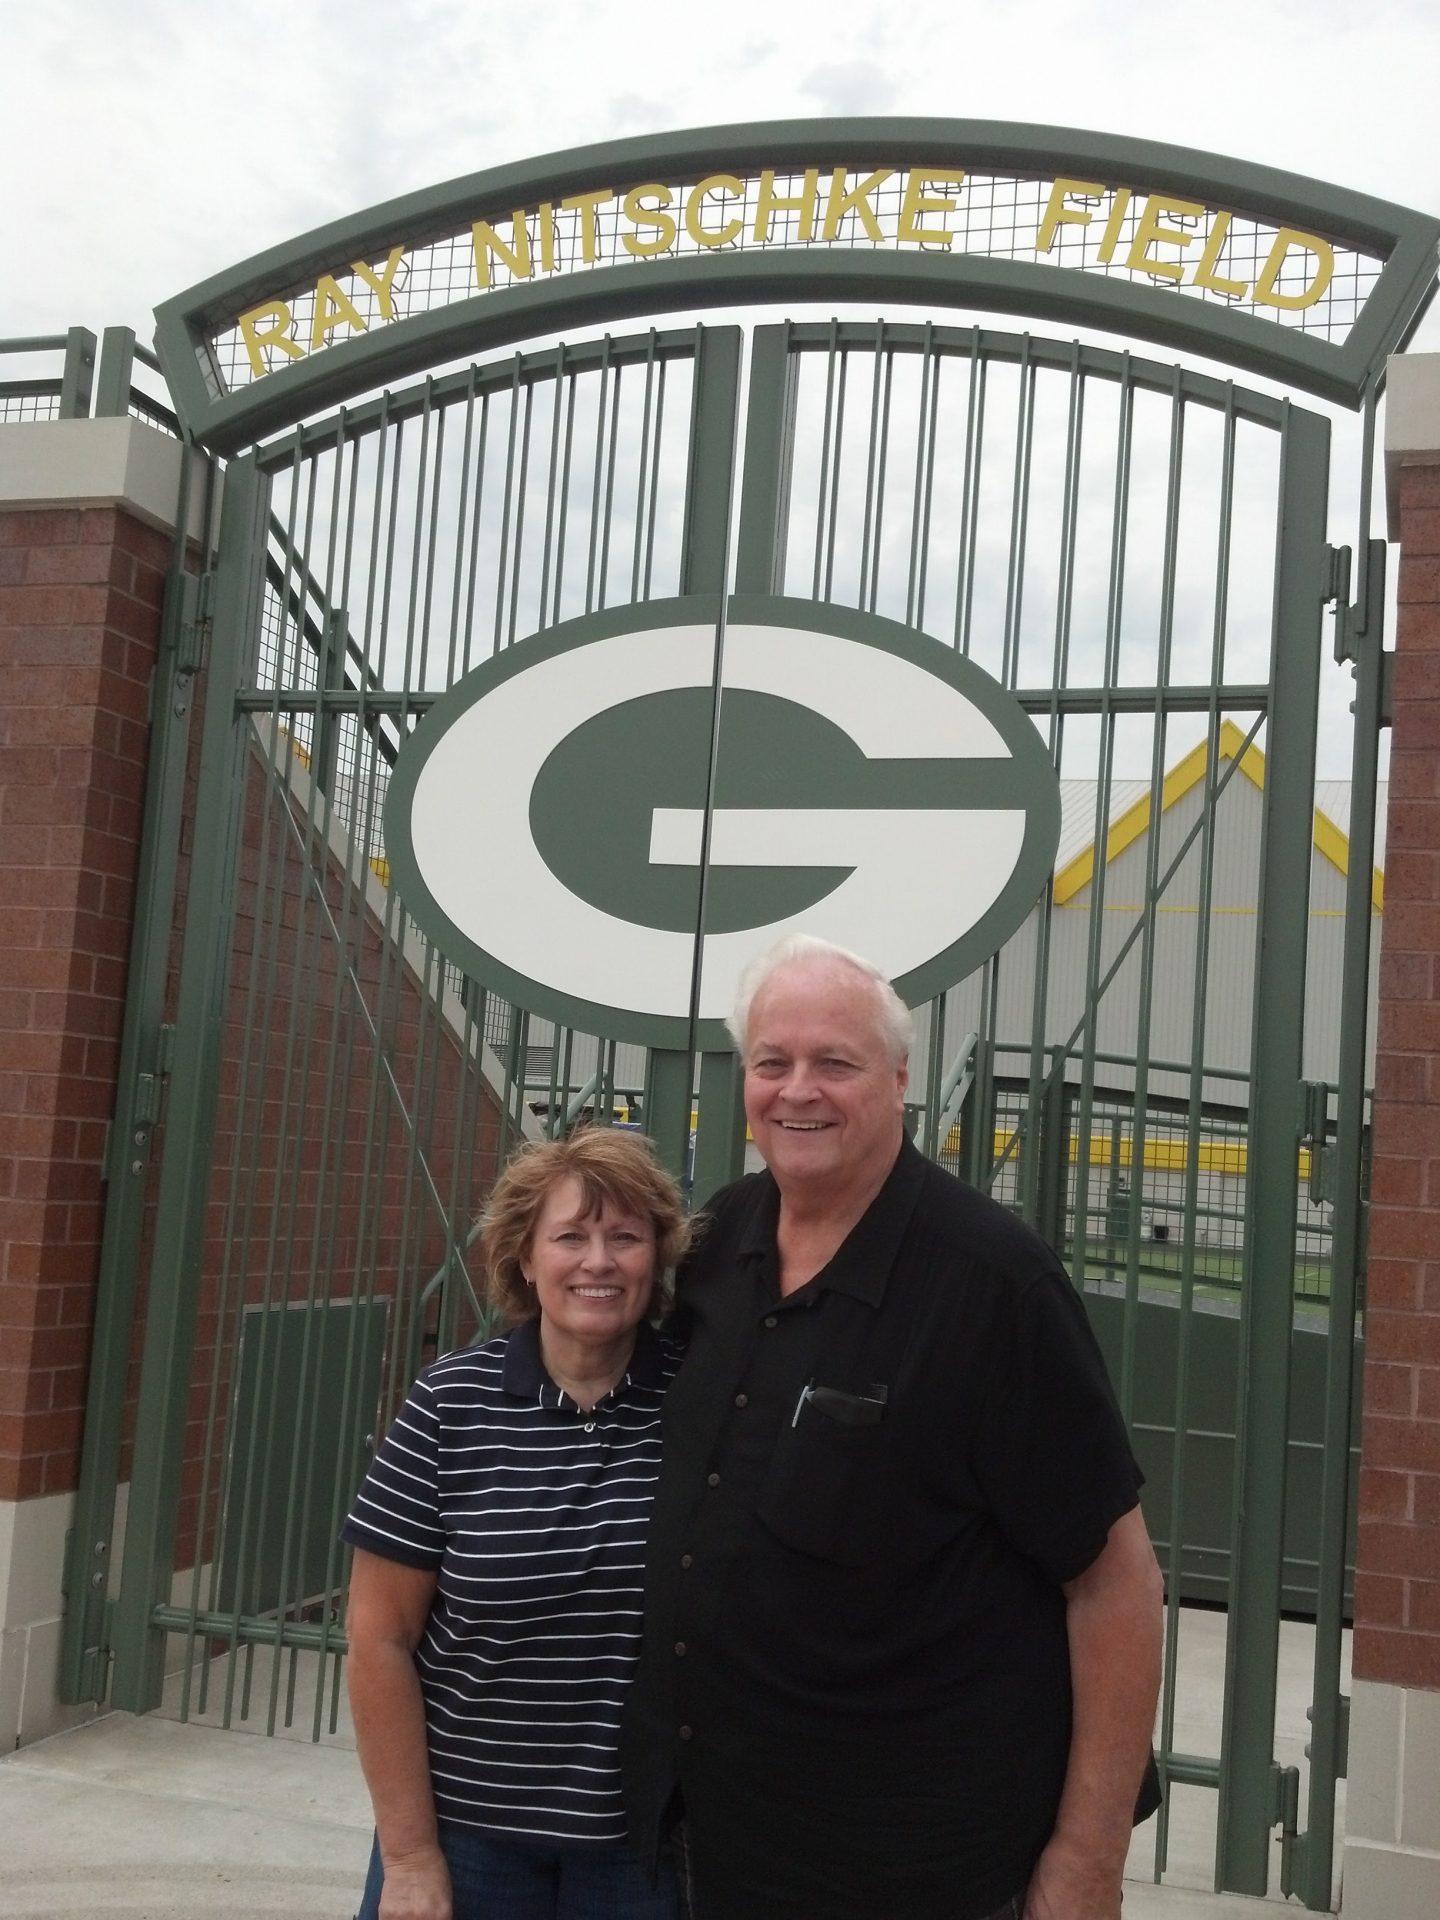 Bill was a lifelong Packers fan